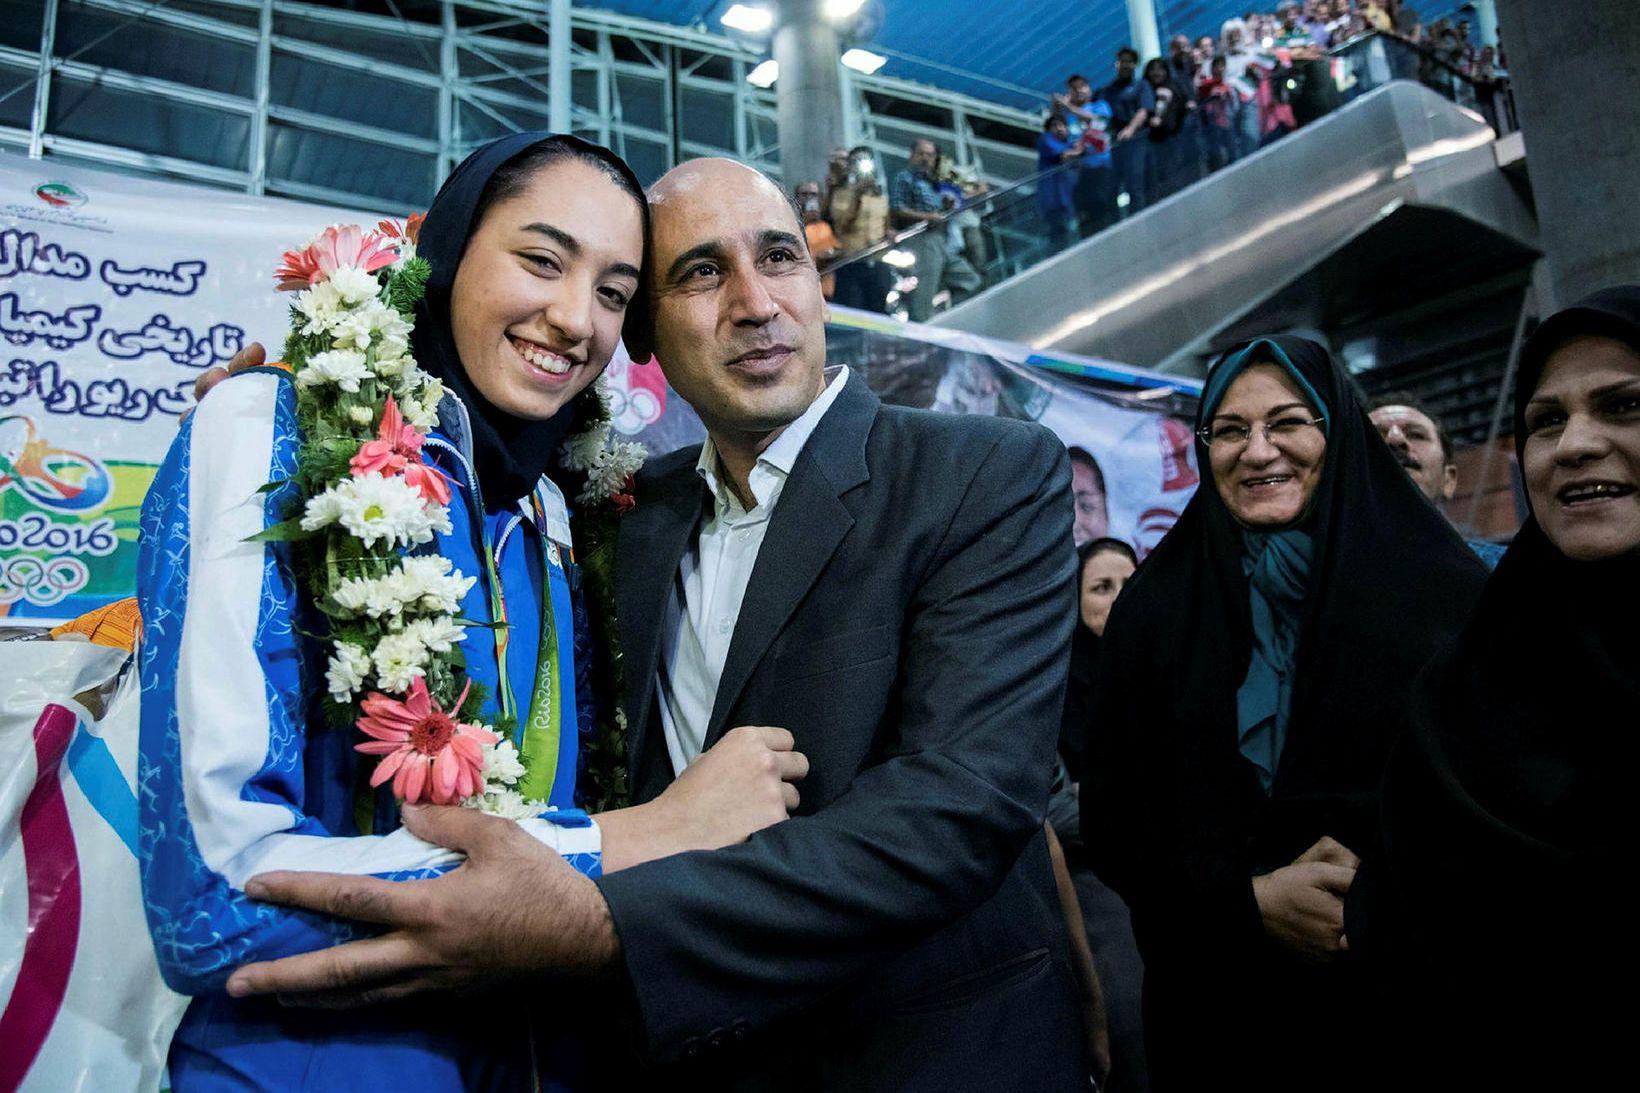 Kimia Alizadeh ásamt föður sínum á flugvellinum í Teheran eftir …